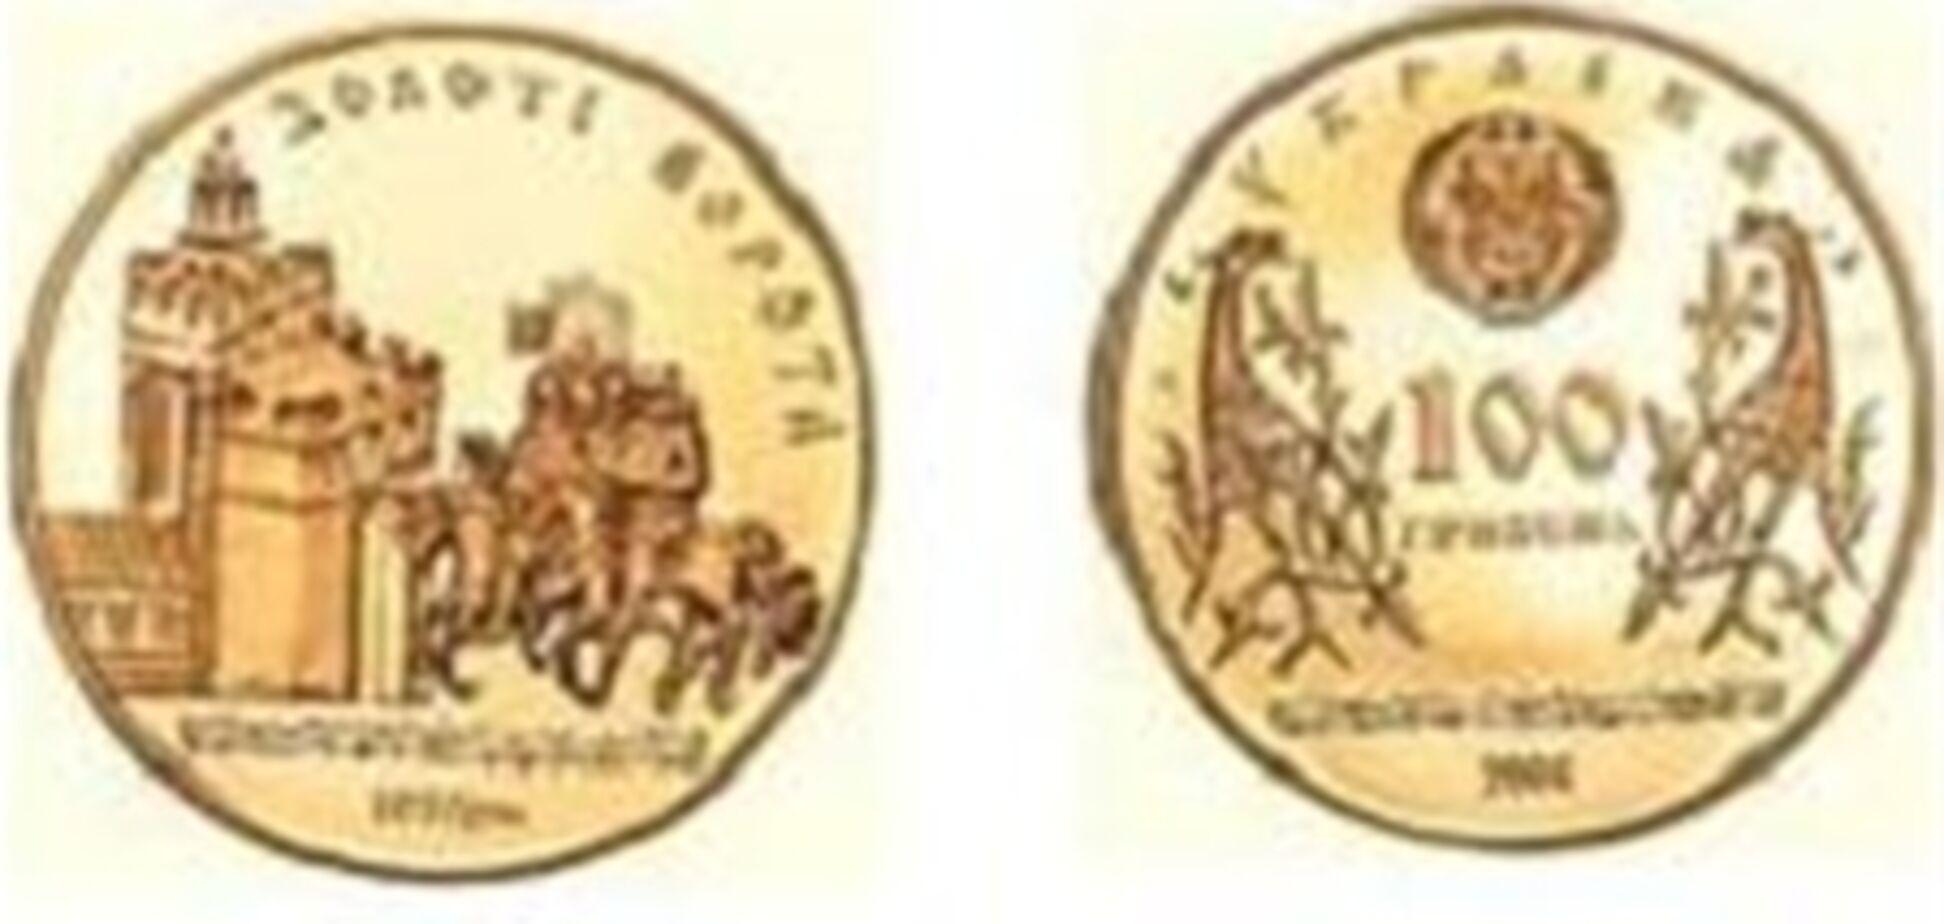 Найдены монеты из коллекции судьи Трофимова - СМИ